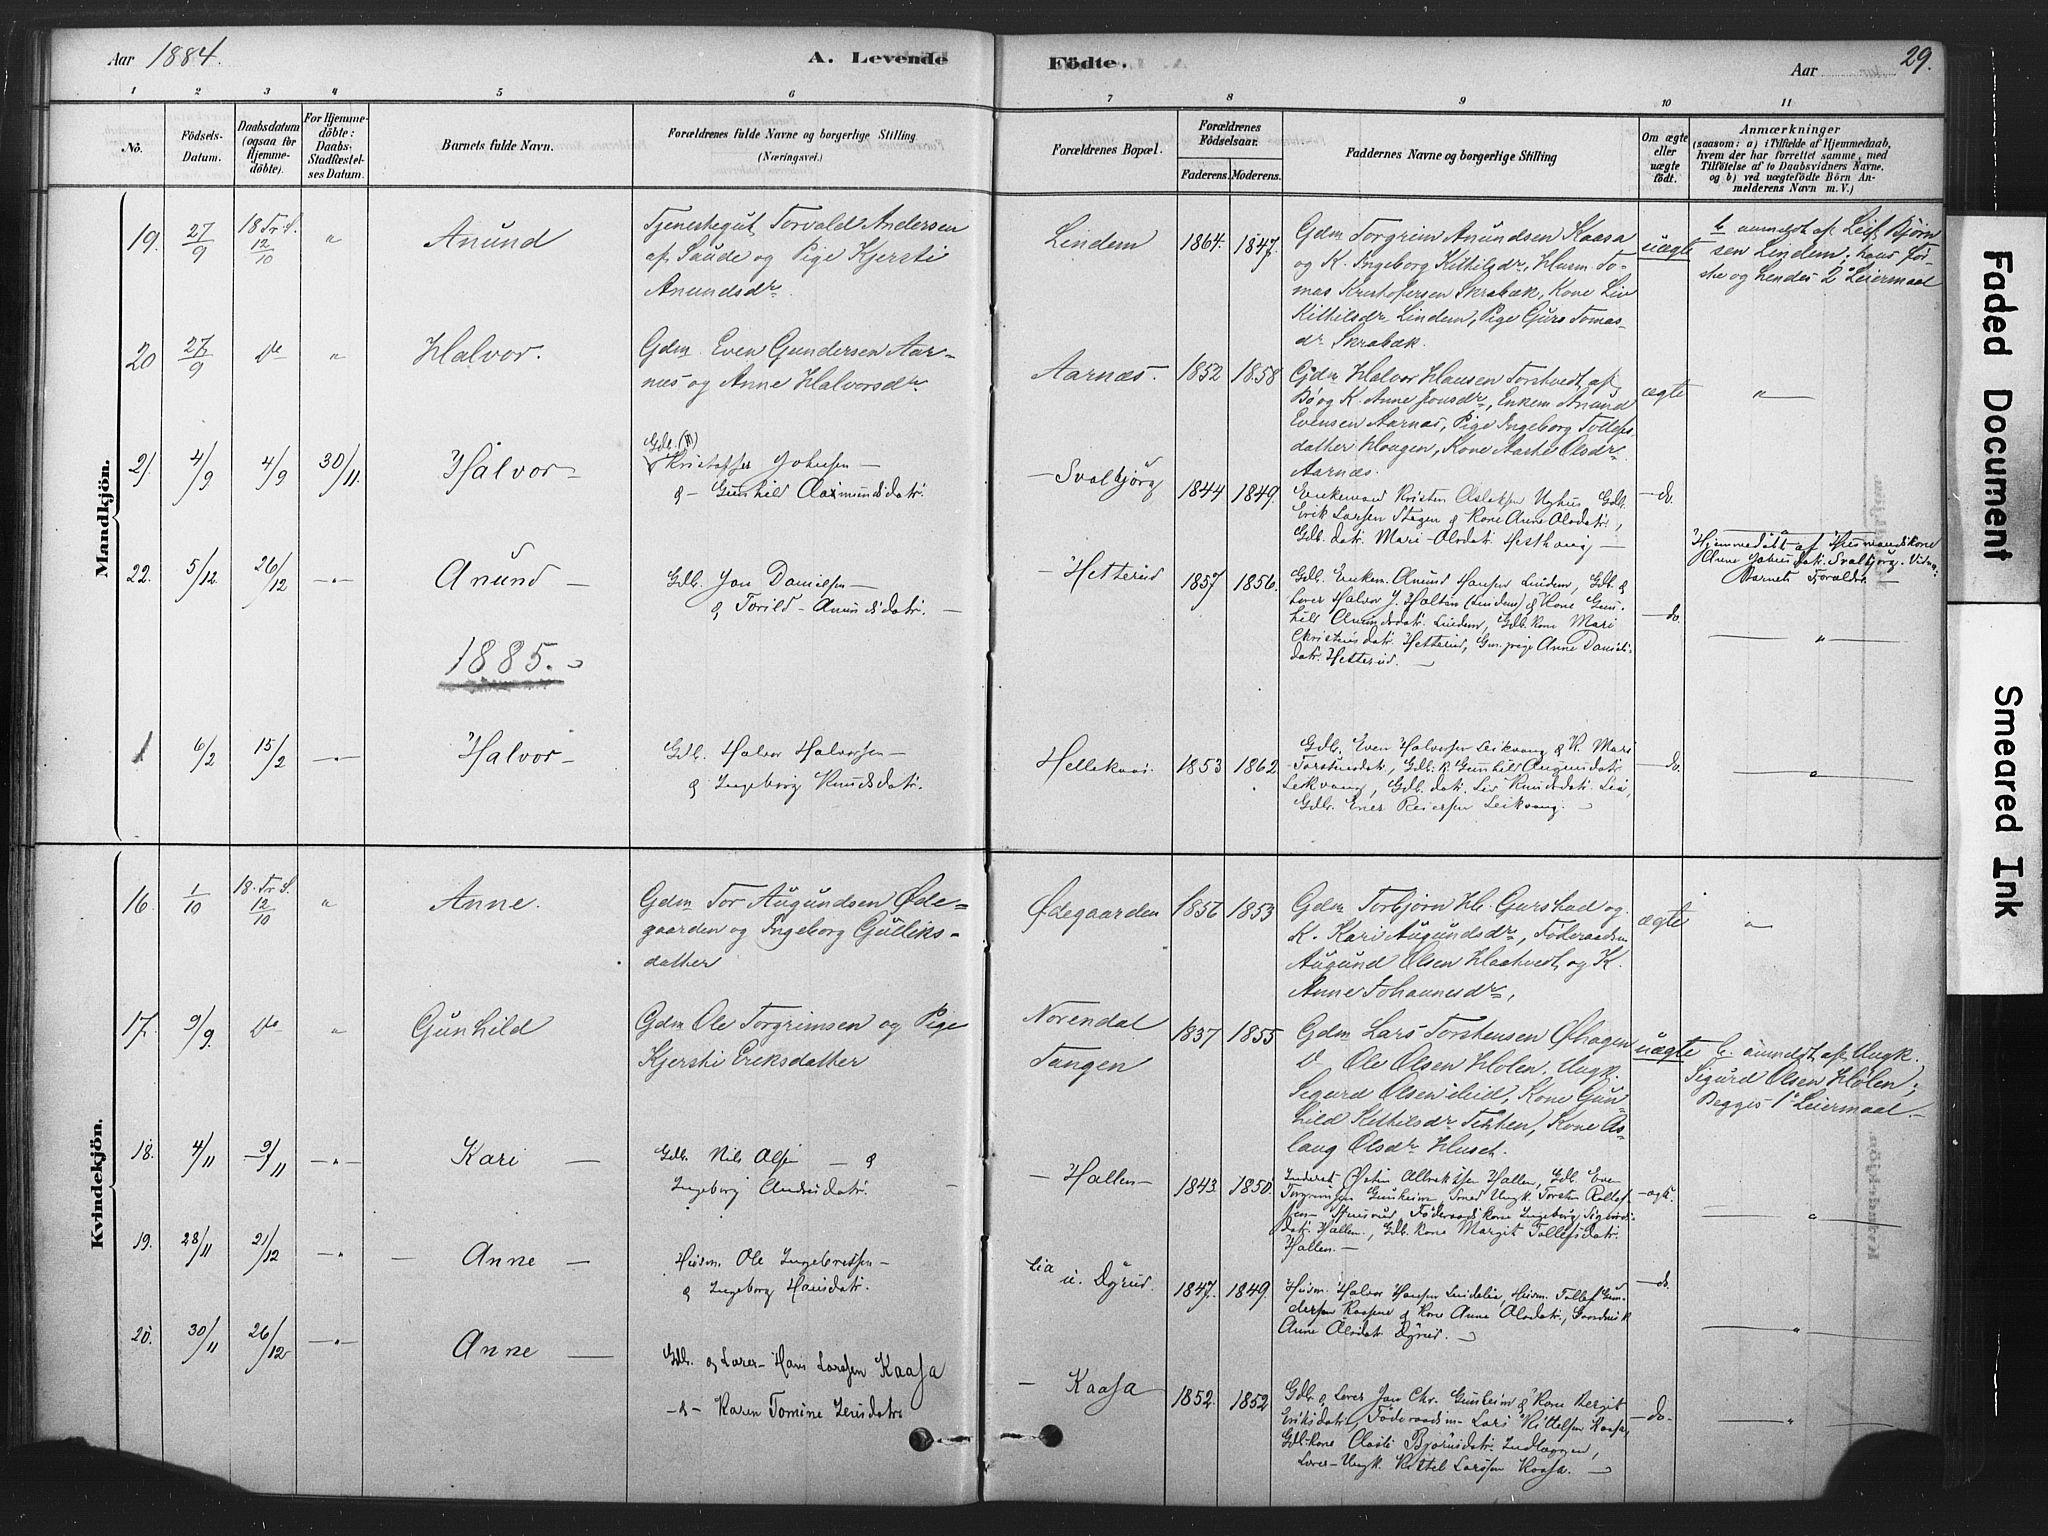 SAKO, Sauherad kirkebøker, F/Fb/L0002: Ministerialbok nr. II 2, 1878-1901, s. 29